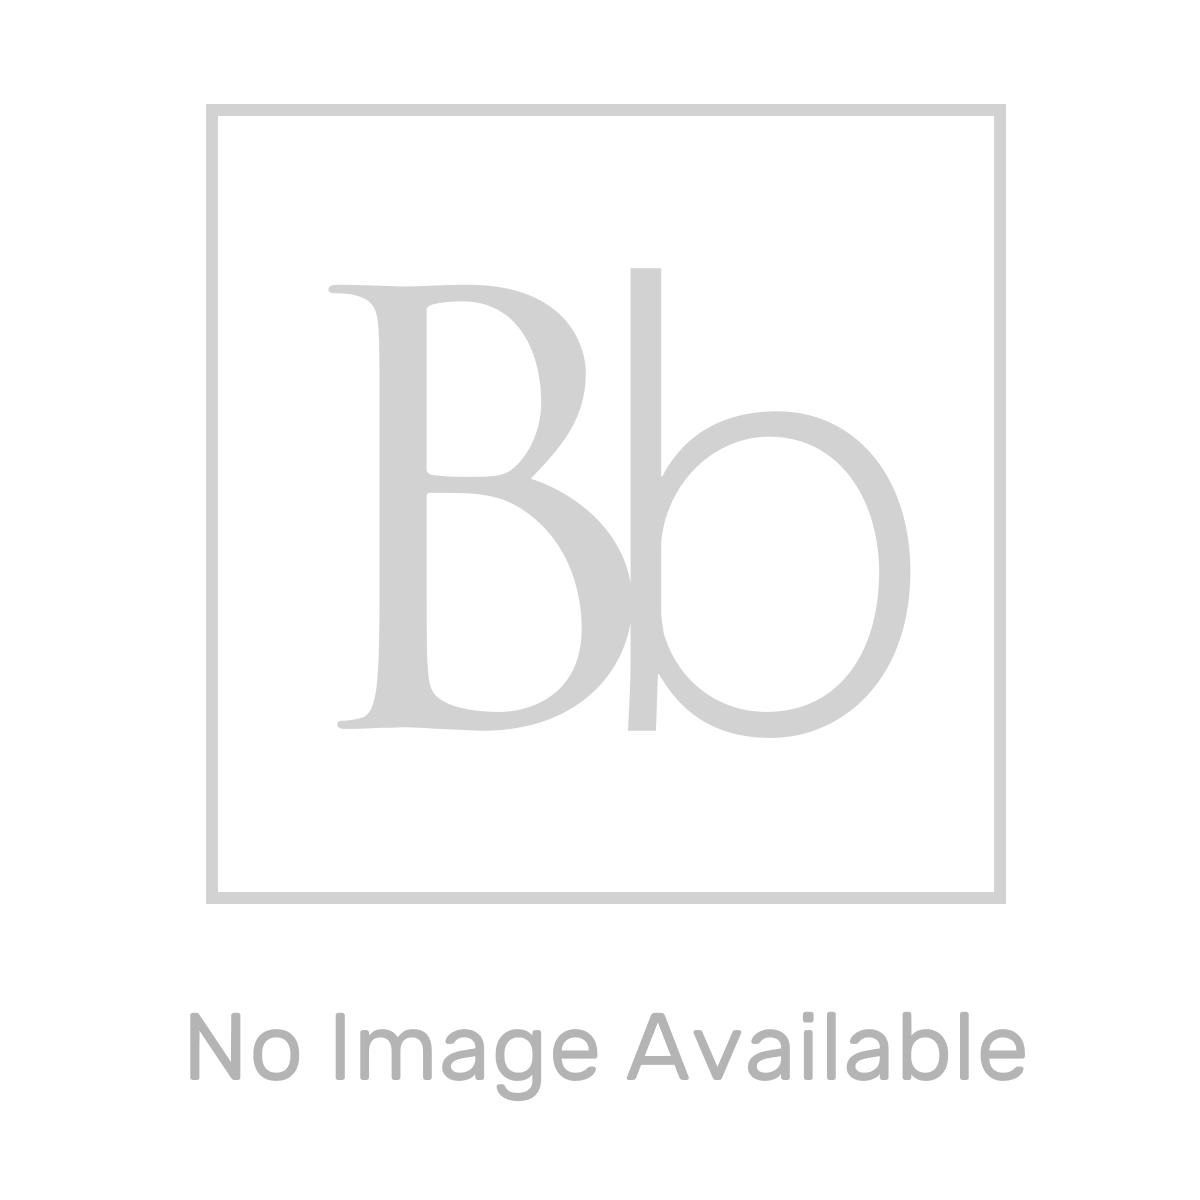 RAK Series 600 Toilet and Semi Pedestal Basin Set